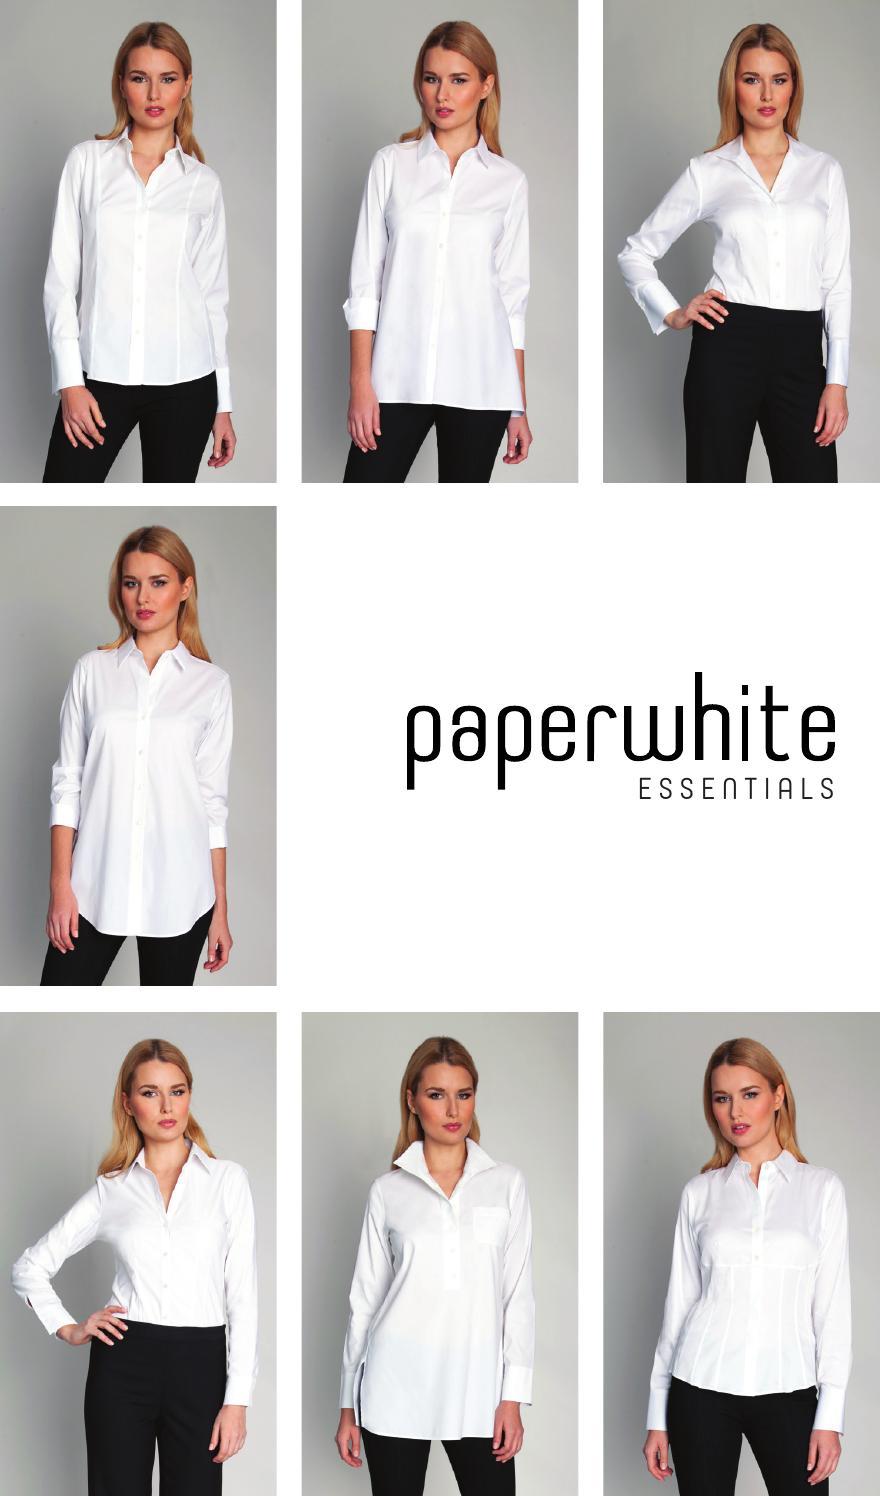 Paperwhite essentials by regina gwynn issuu for 111 8th ave 7th floor new york ny 10011